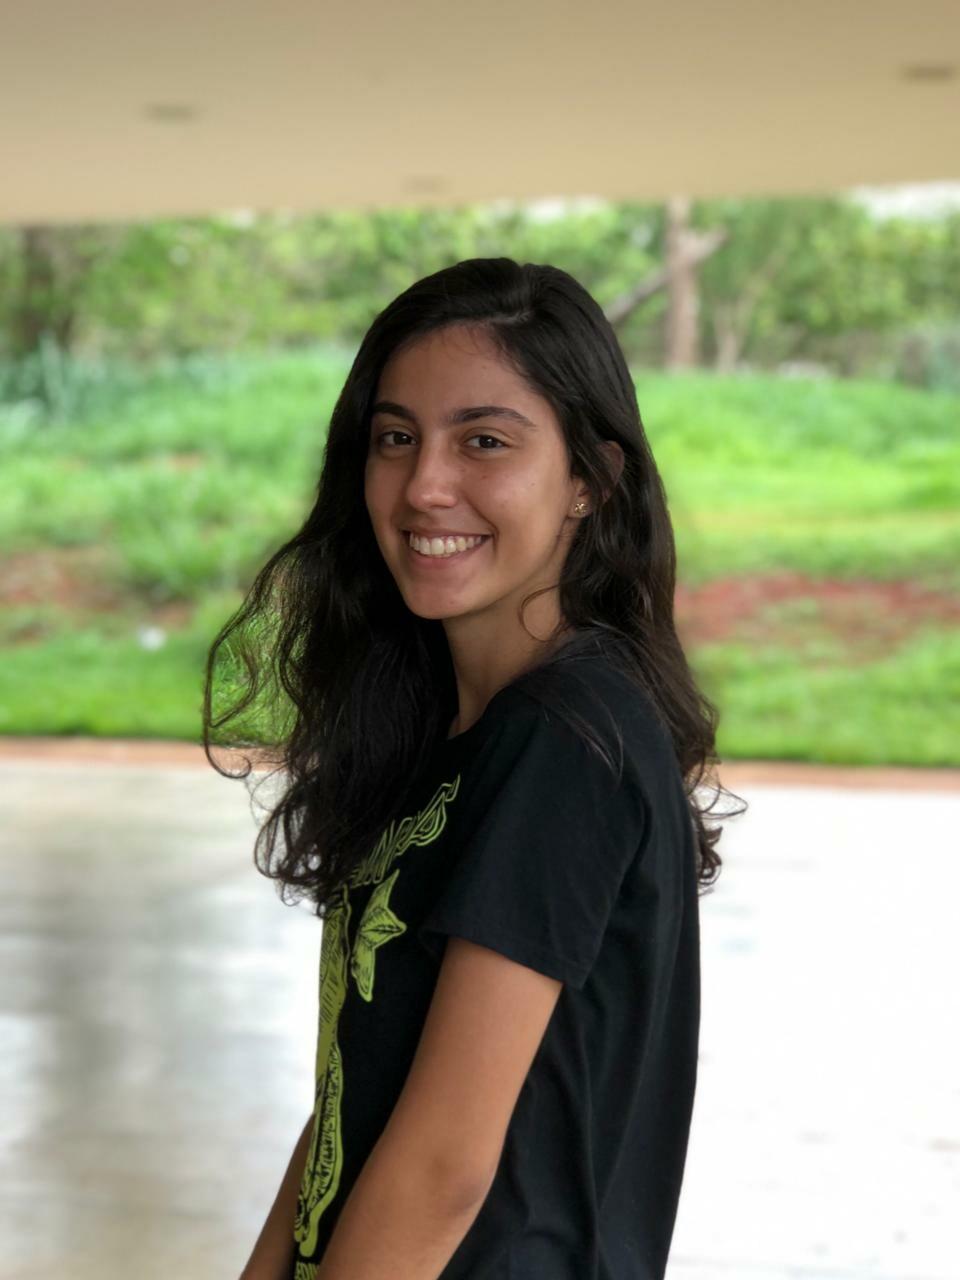 Ana Carolina Martinez de Oliveira